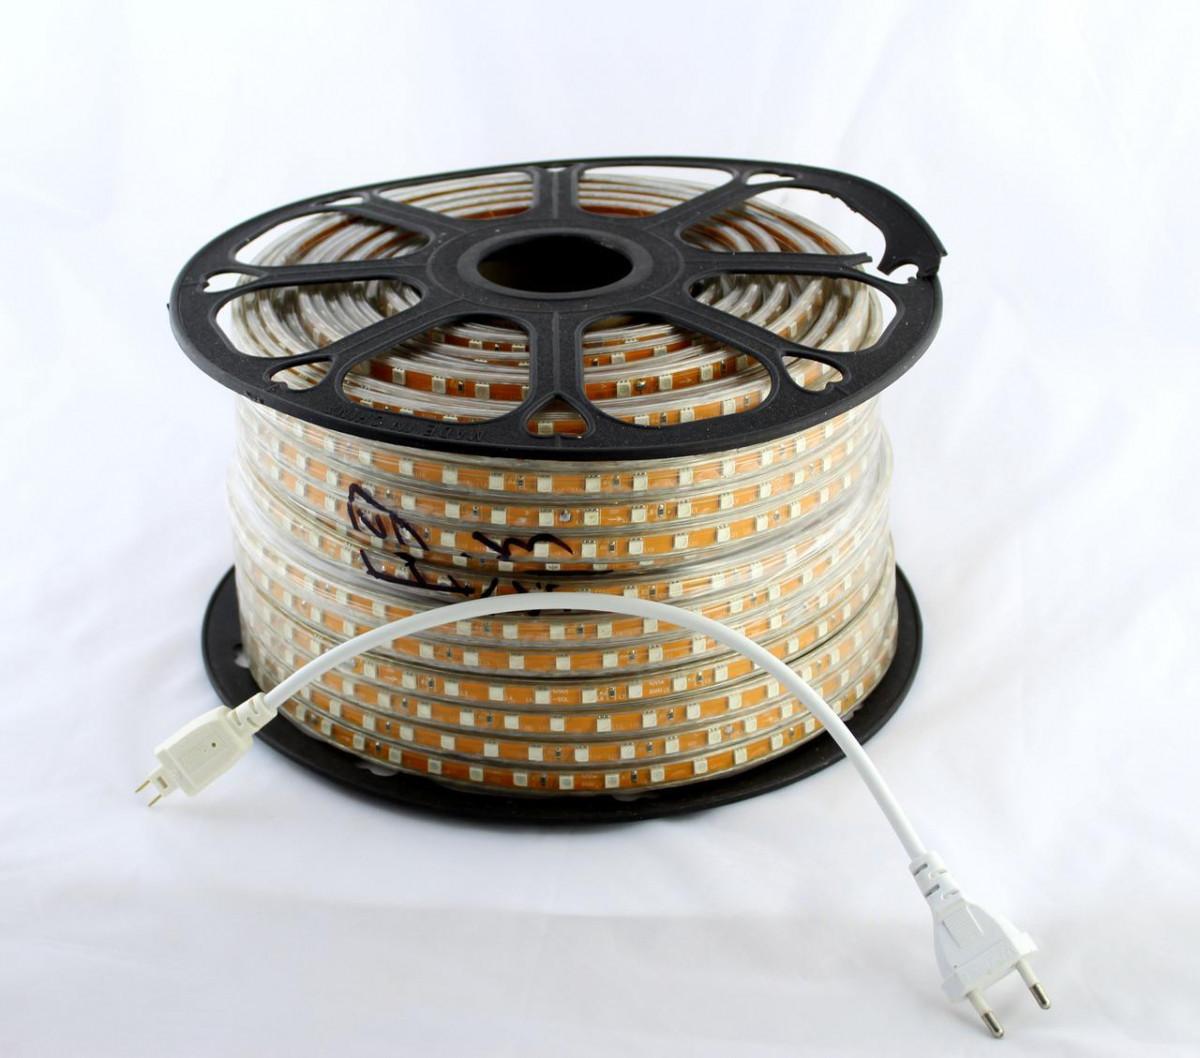 Світлодіодна LED стрічка 5050 WW 100m 220V (теплий білий діод)